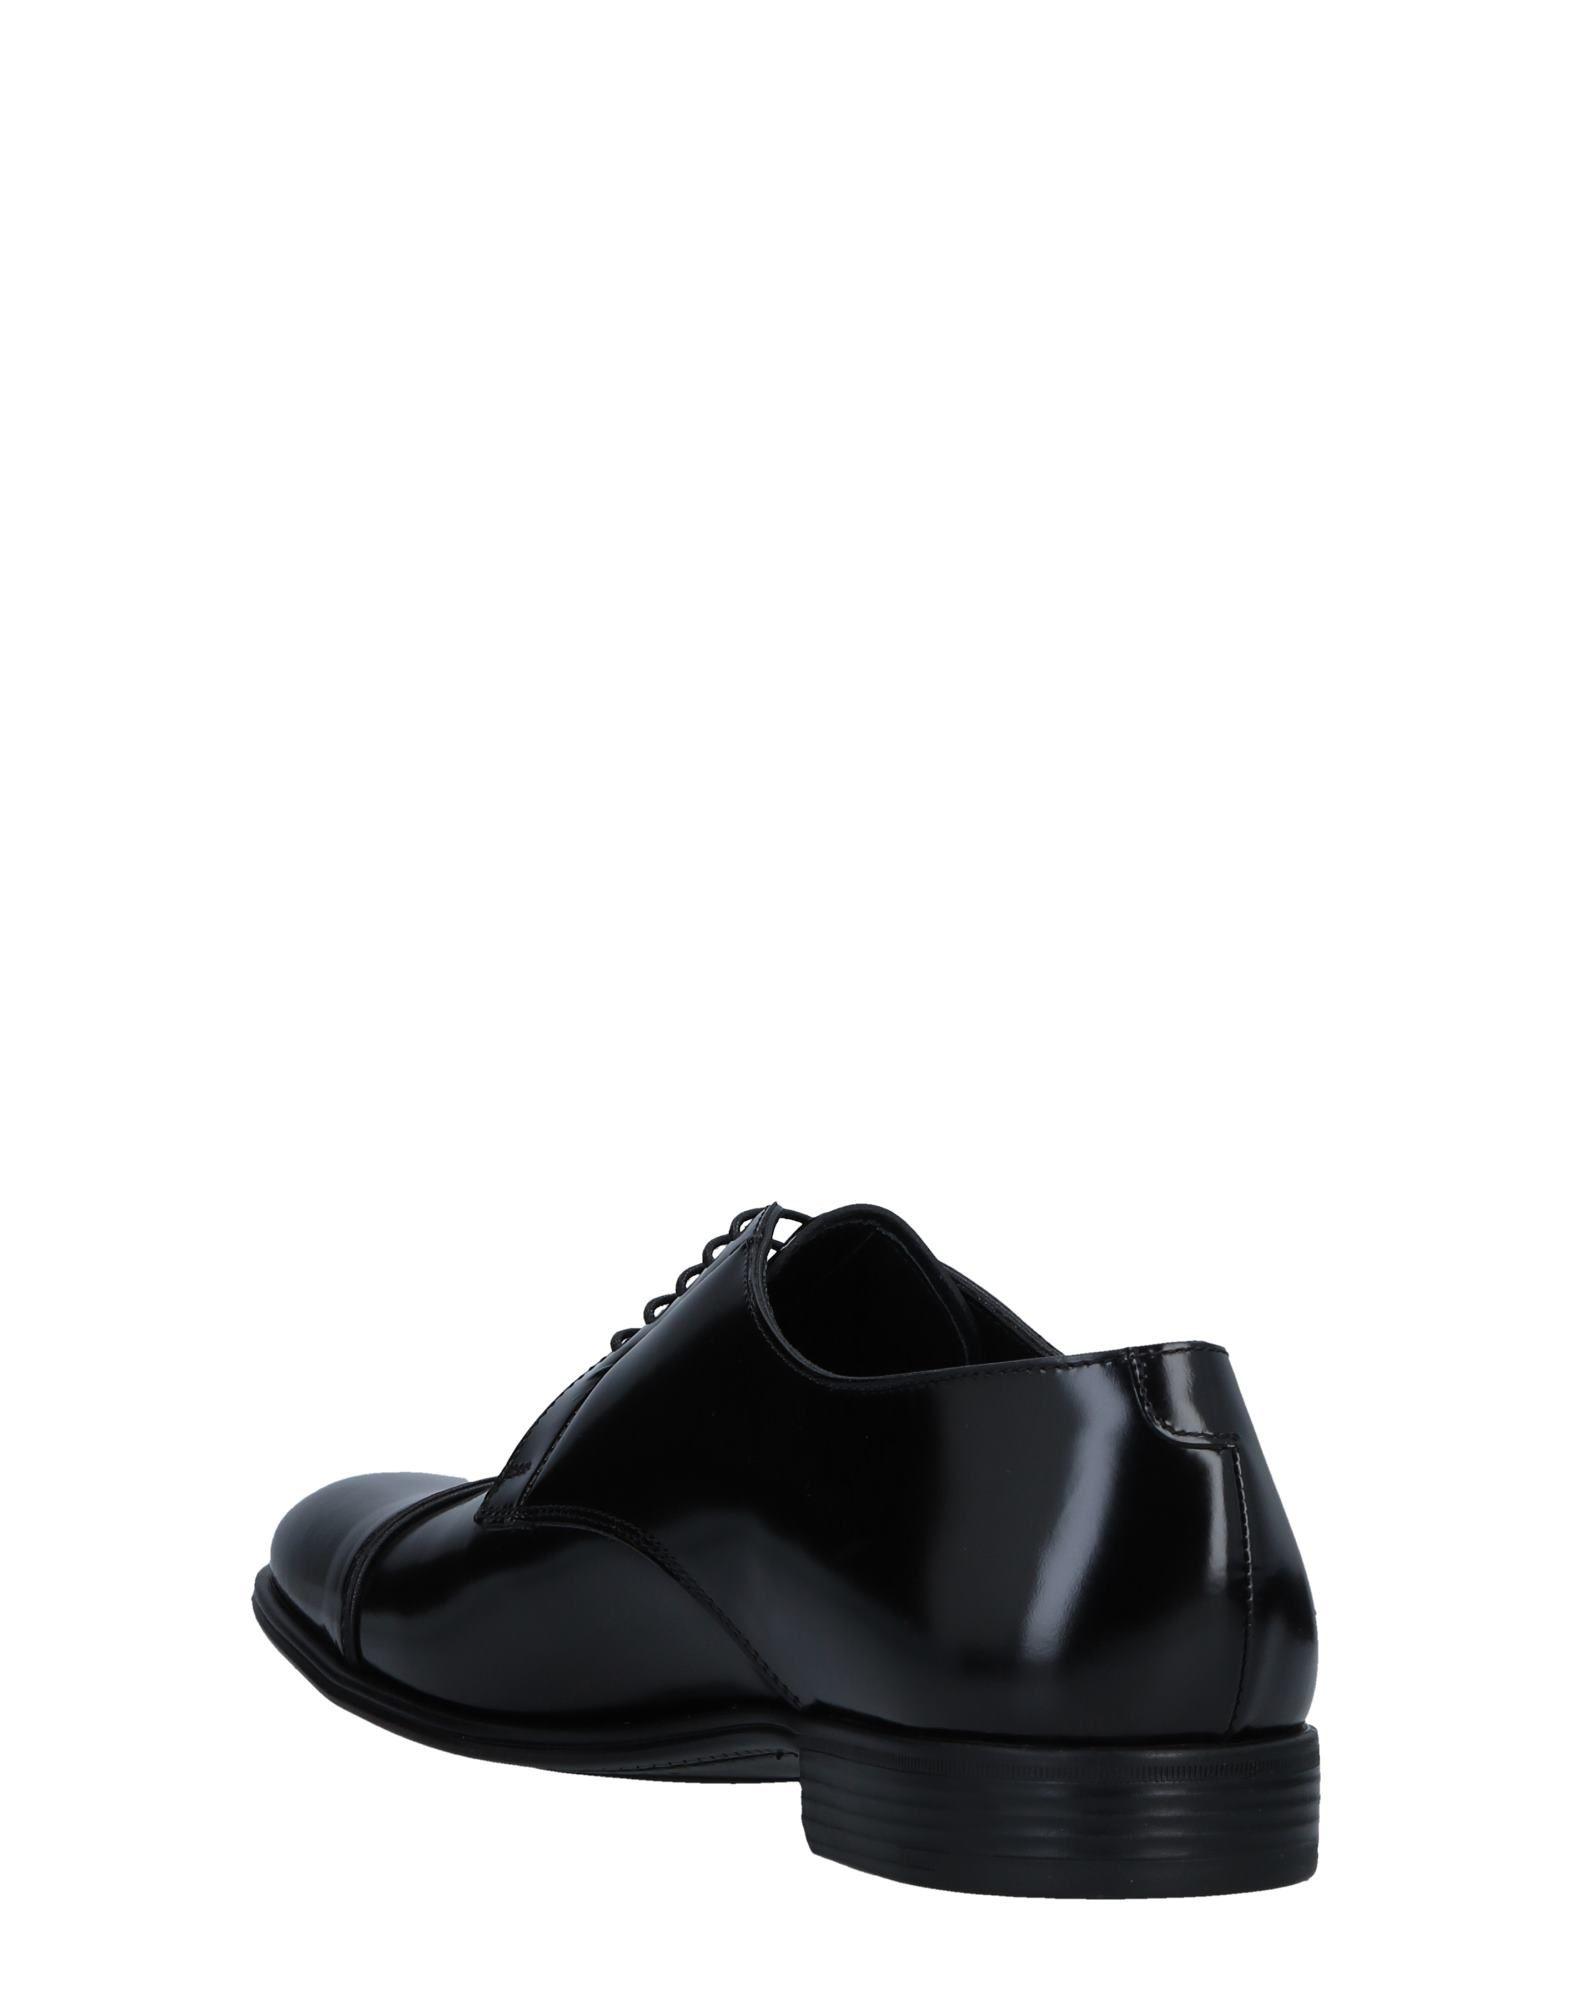 Fabi Schnürschuhe Herren  11517614KM Gute Qualität beliebte Schuhe